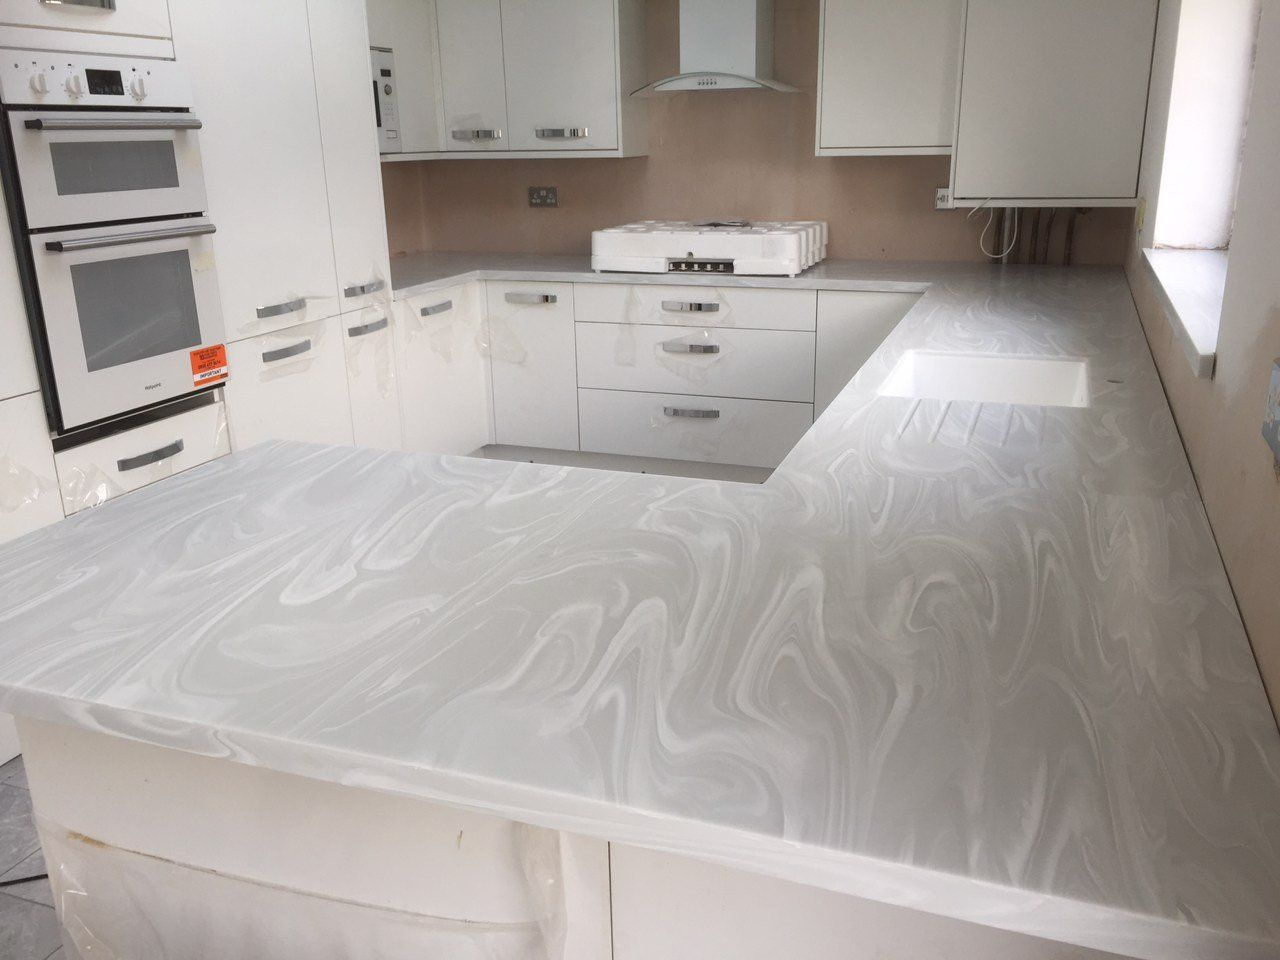 Corian Gray Onyx Countertops Are Pretty Corian Countertops Kitchen Bathroom Remodel Corian Kitchen Countertops